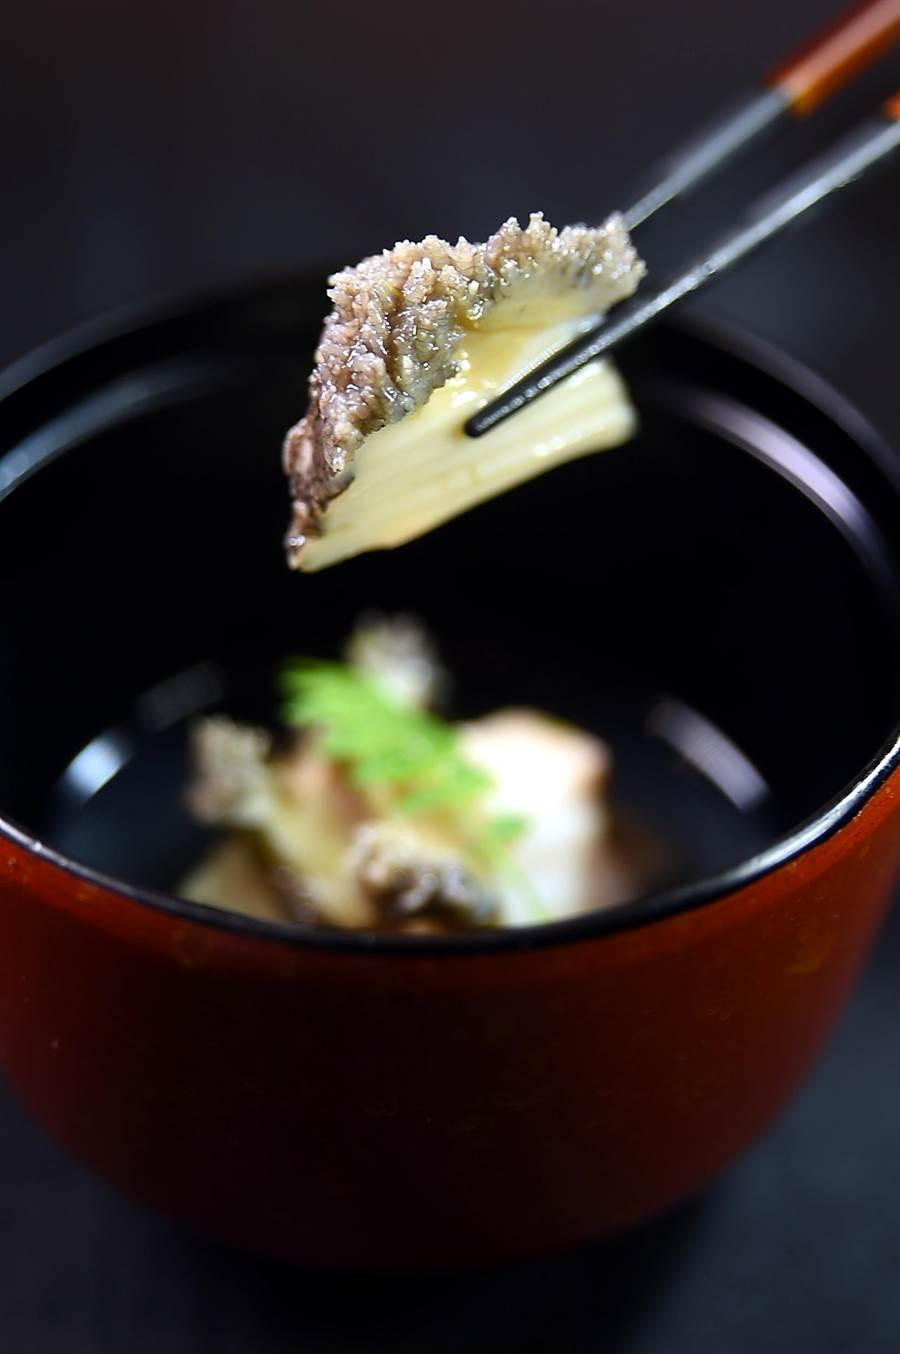 位在信義區新光A9館7樓的〈初魚料亭〉,〈酒蒸鮑魚〉是將南非鮮鮑以小火慢慢蒸熟,肉質非常細緻鮮嫩且入味。(圖/姚舜)